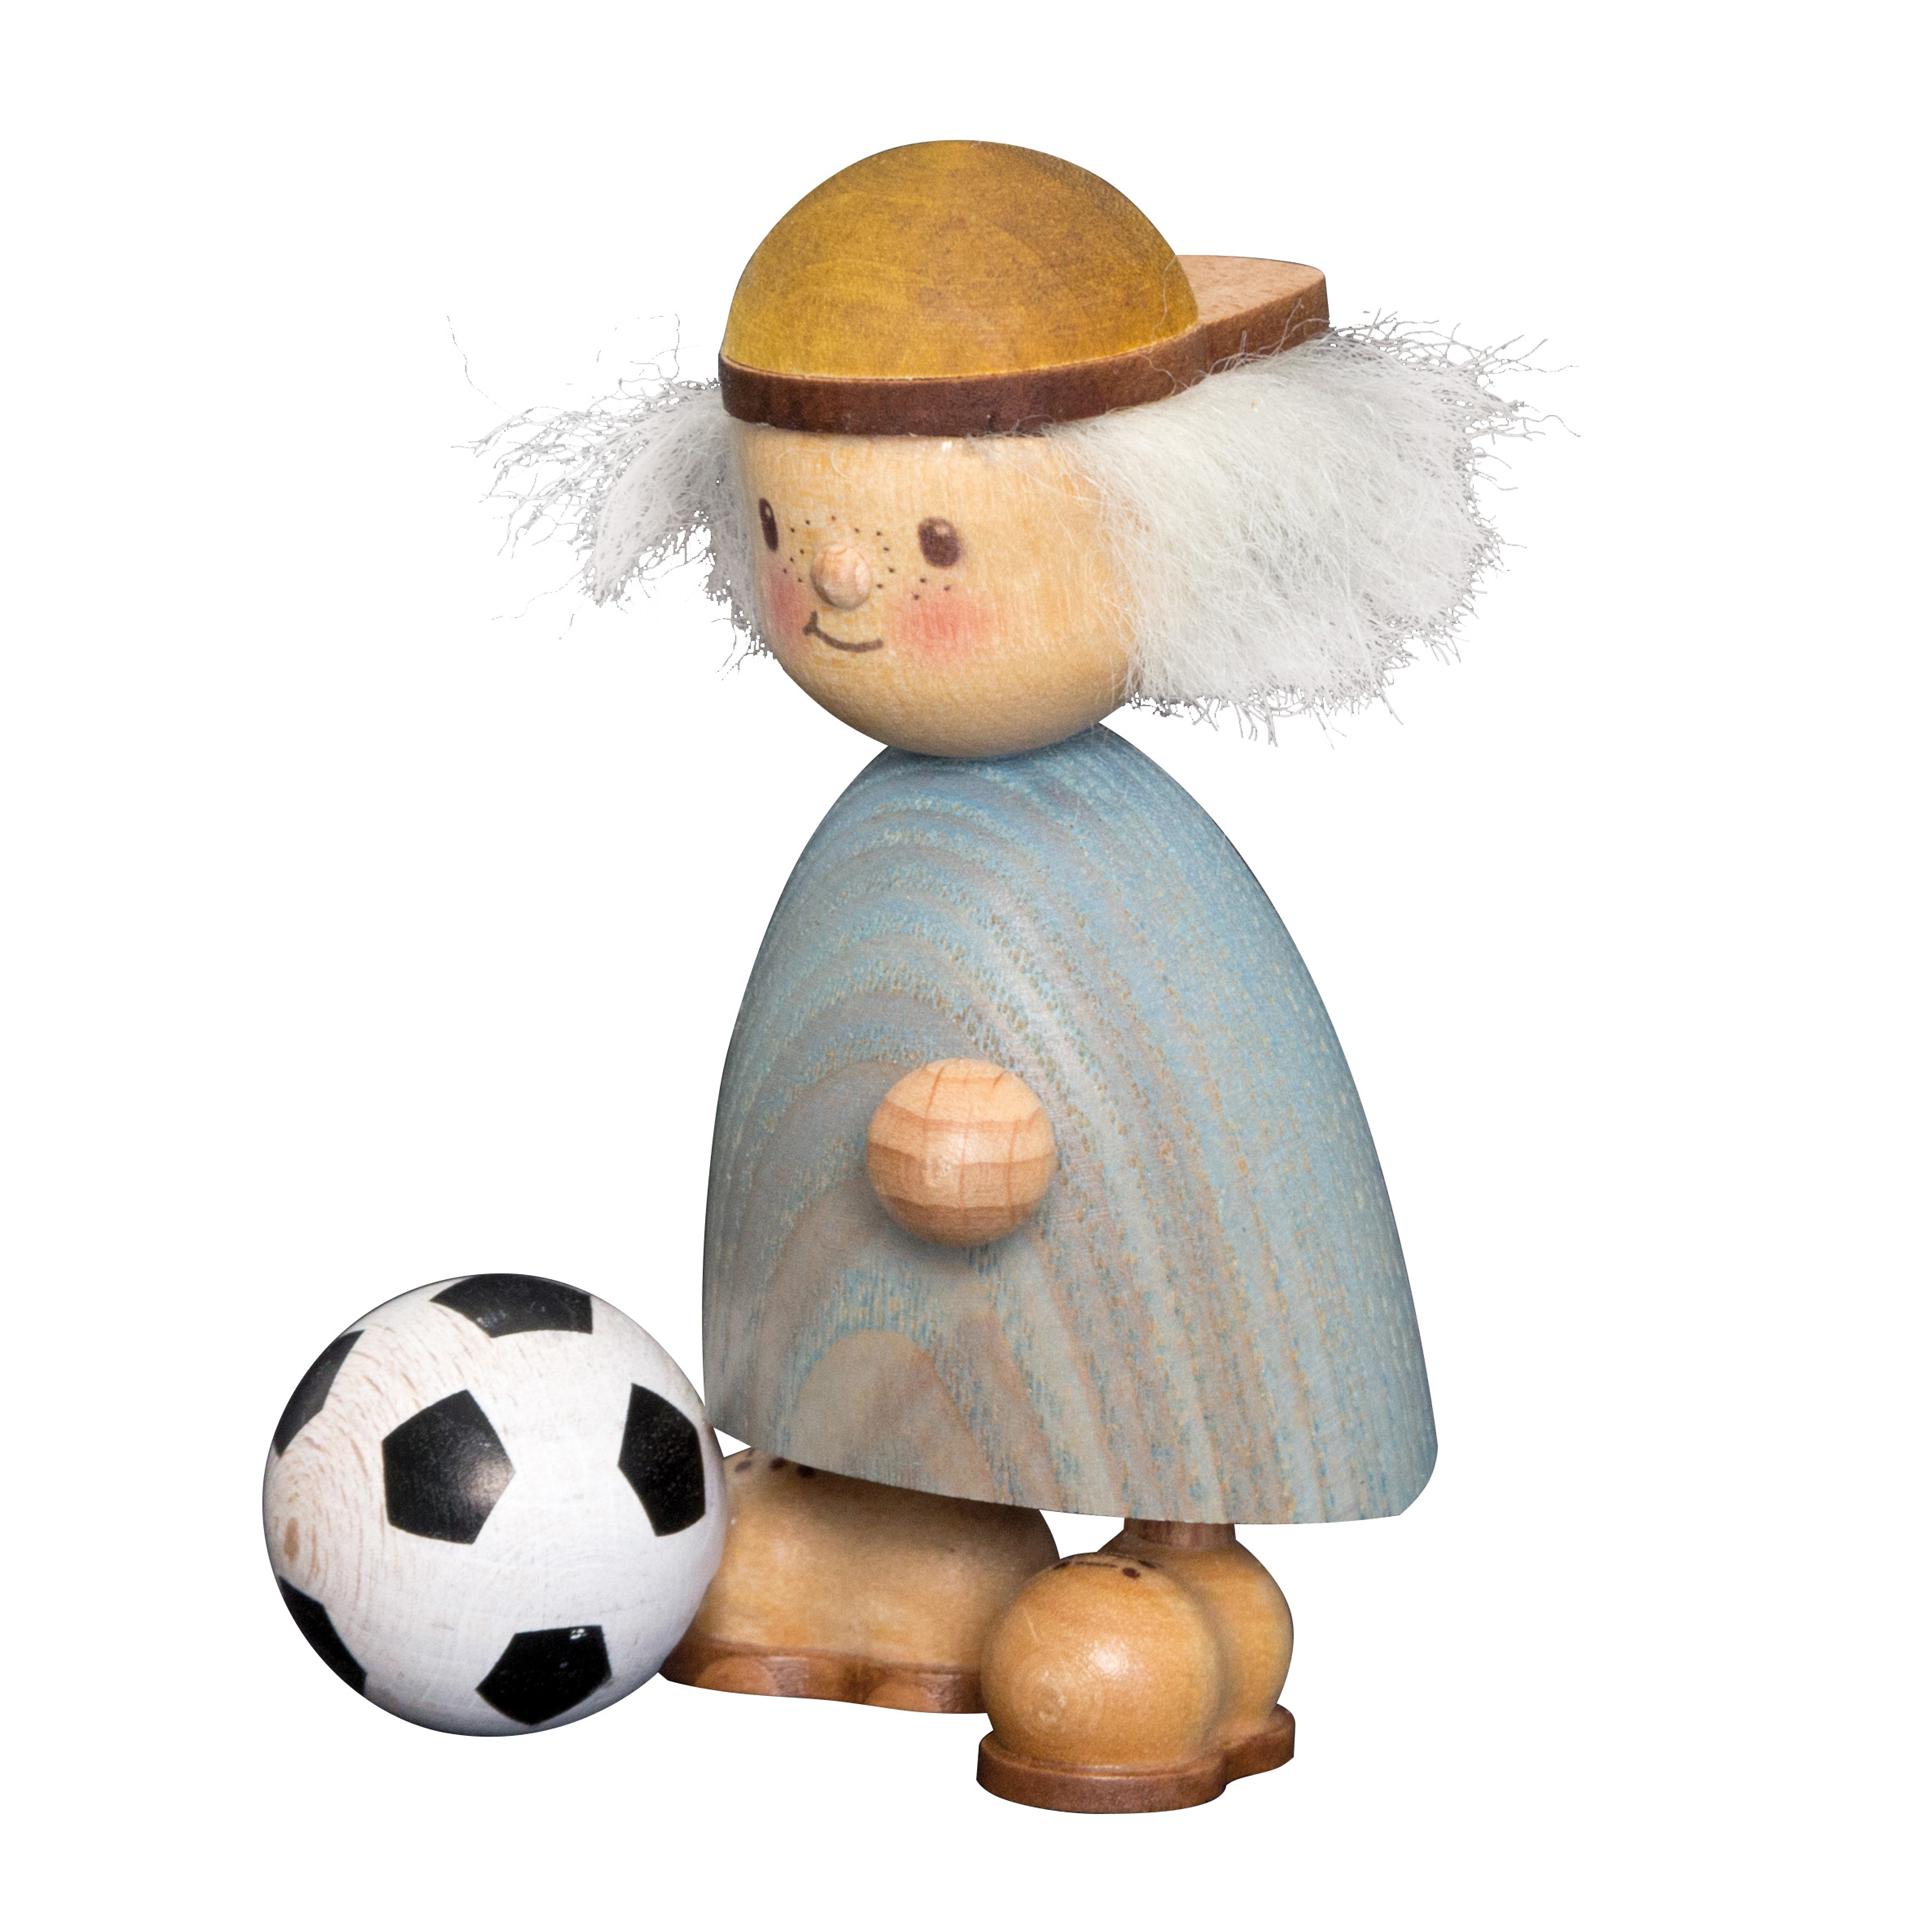 Finn mit Fußball